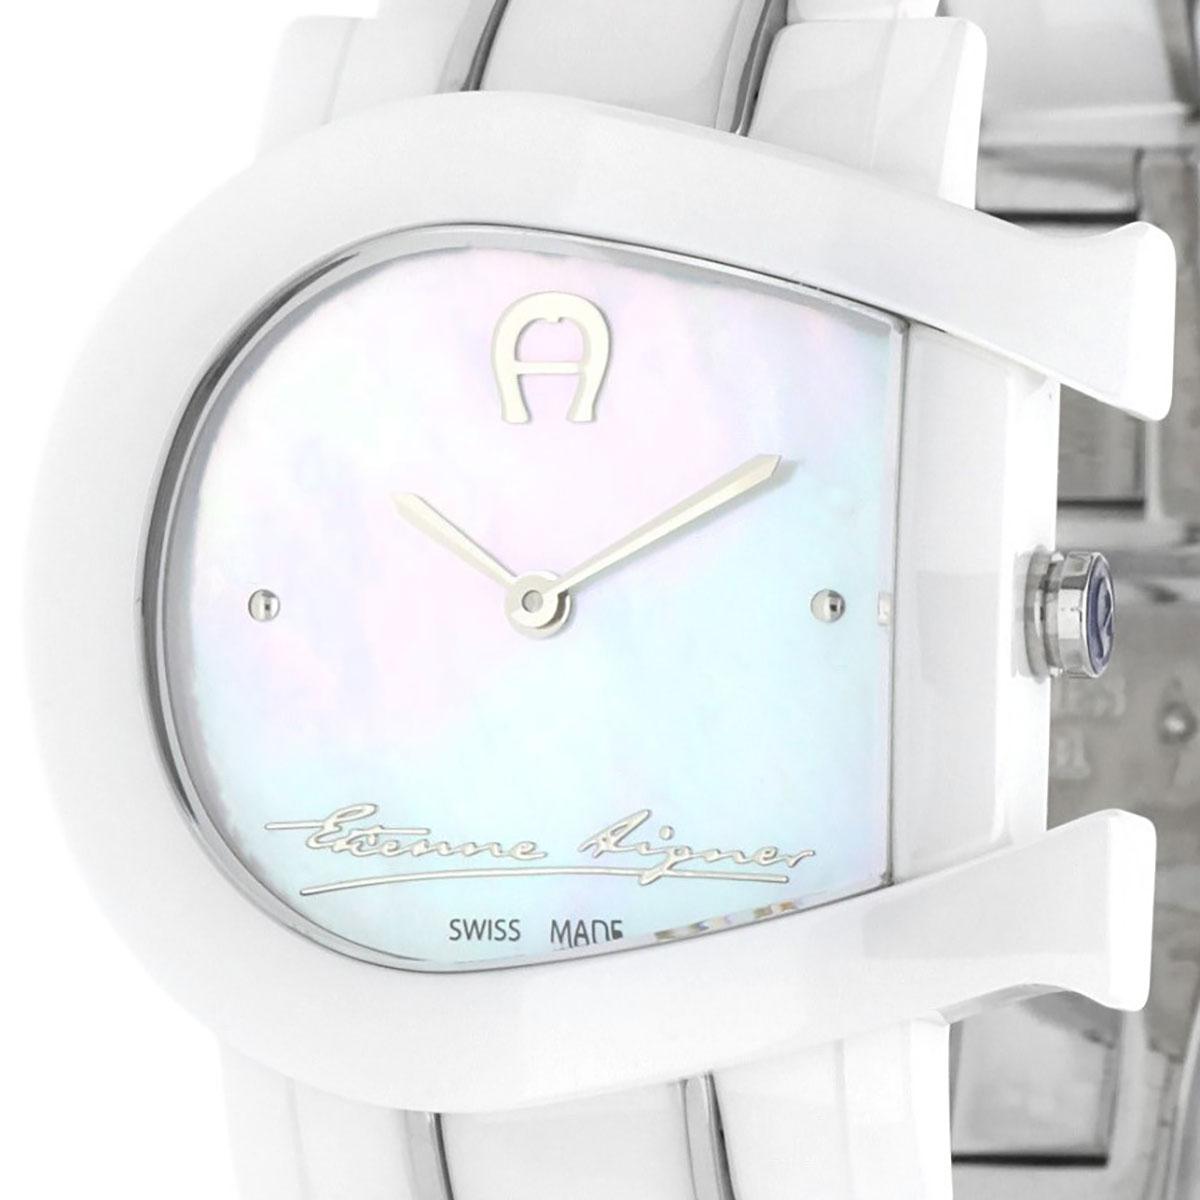 AIGNER アイグナー 電池式クォーツ 腕時計 [A31643] 並行輸入品 ホワイト(白)